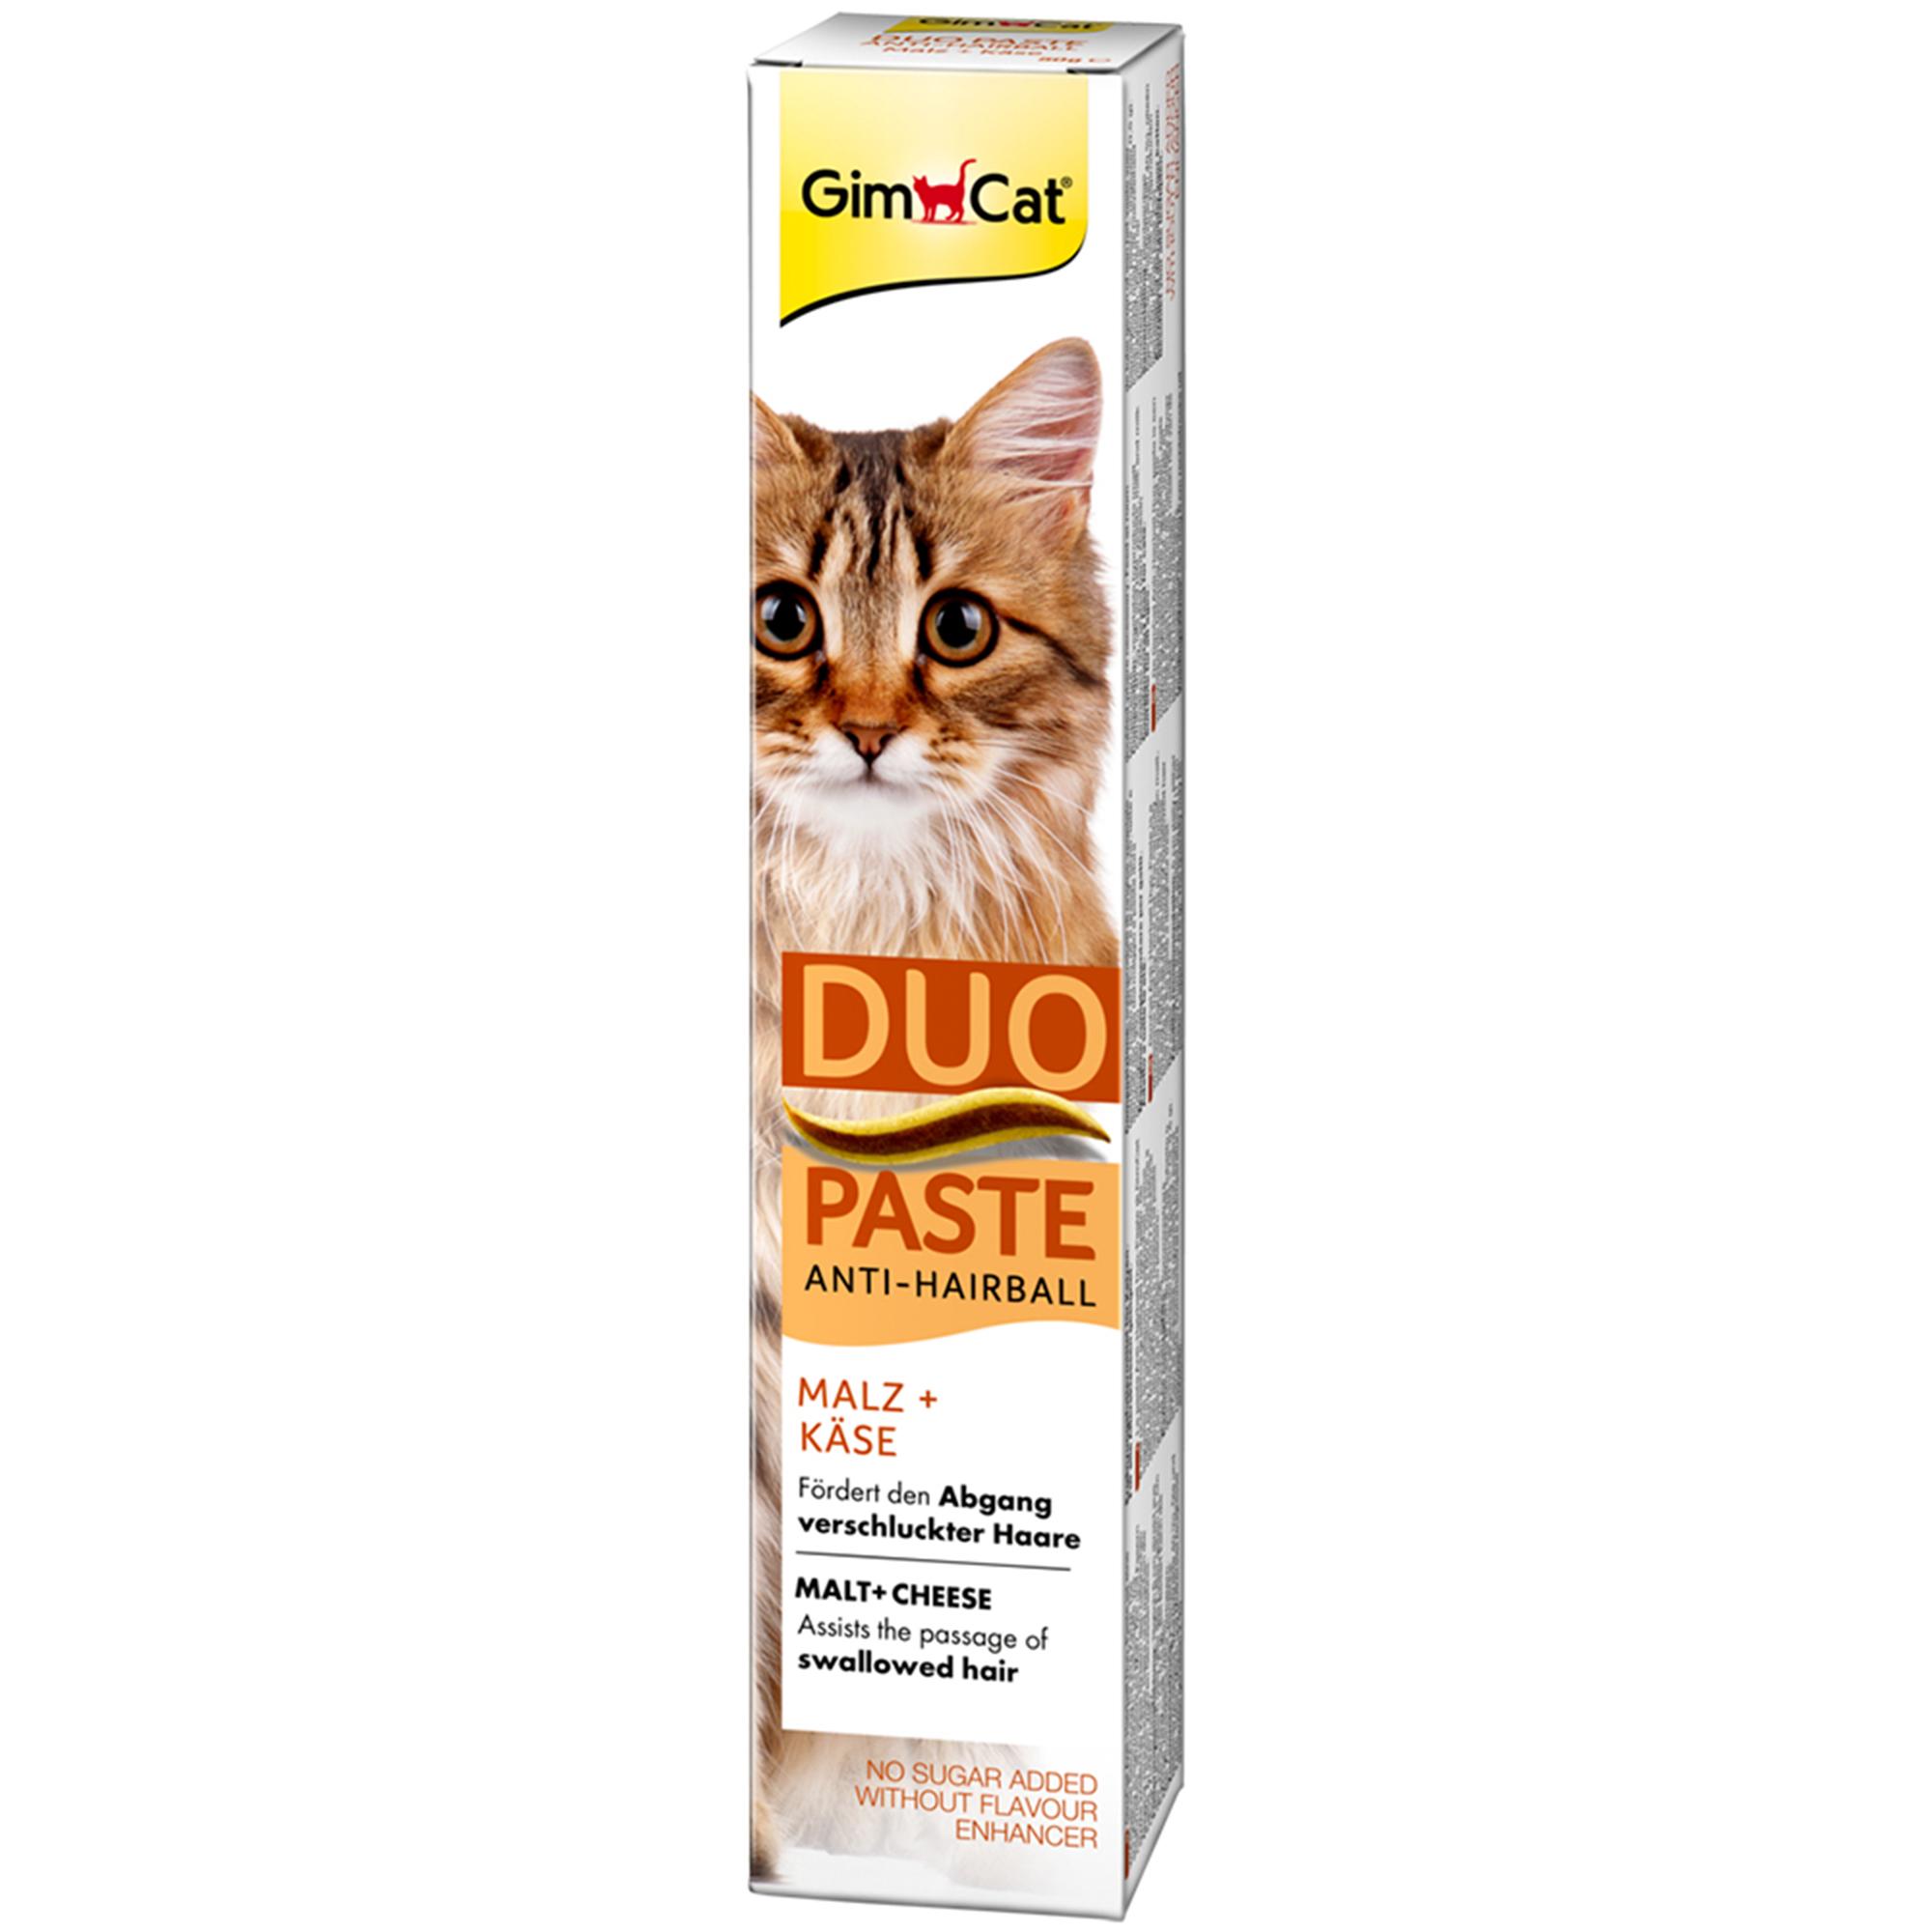 GimCat Anti-Hairball Duo-Paste